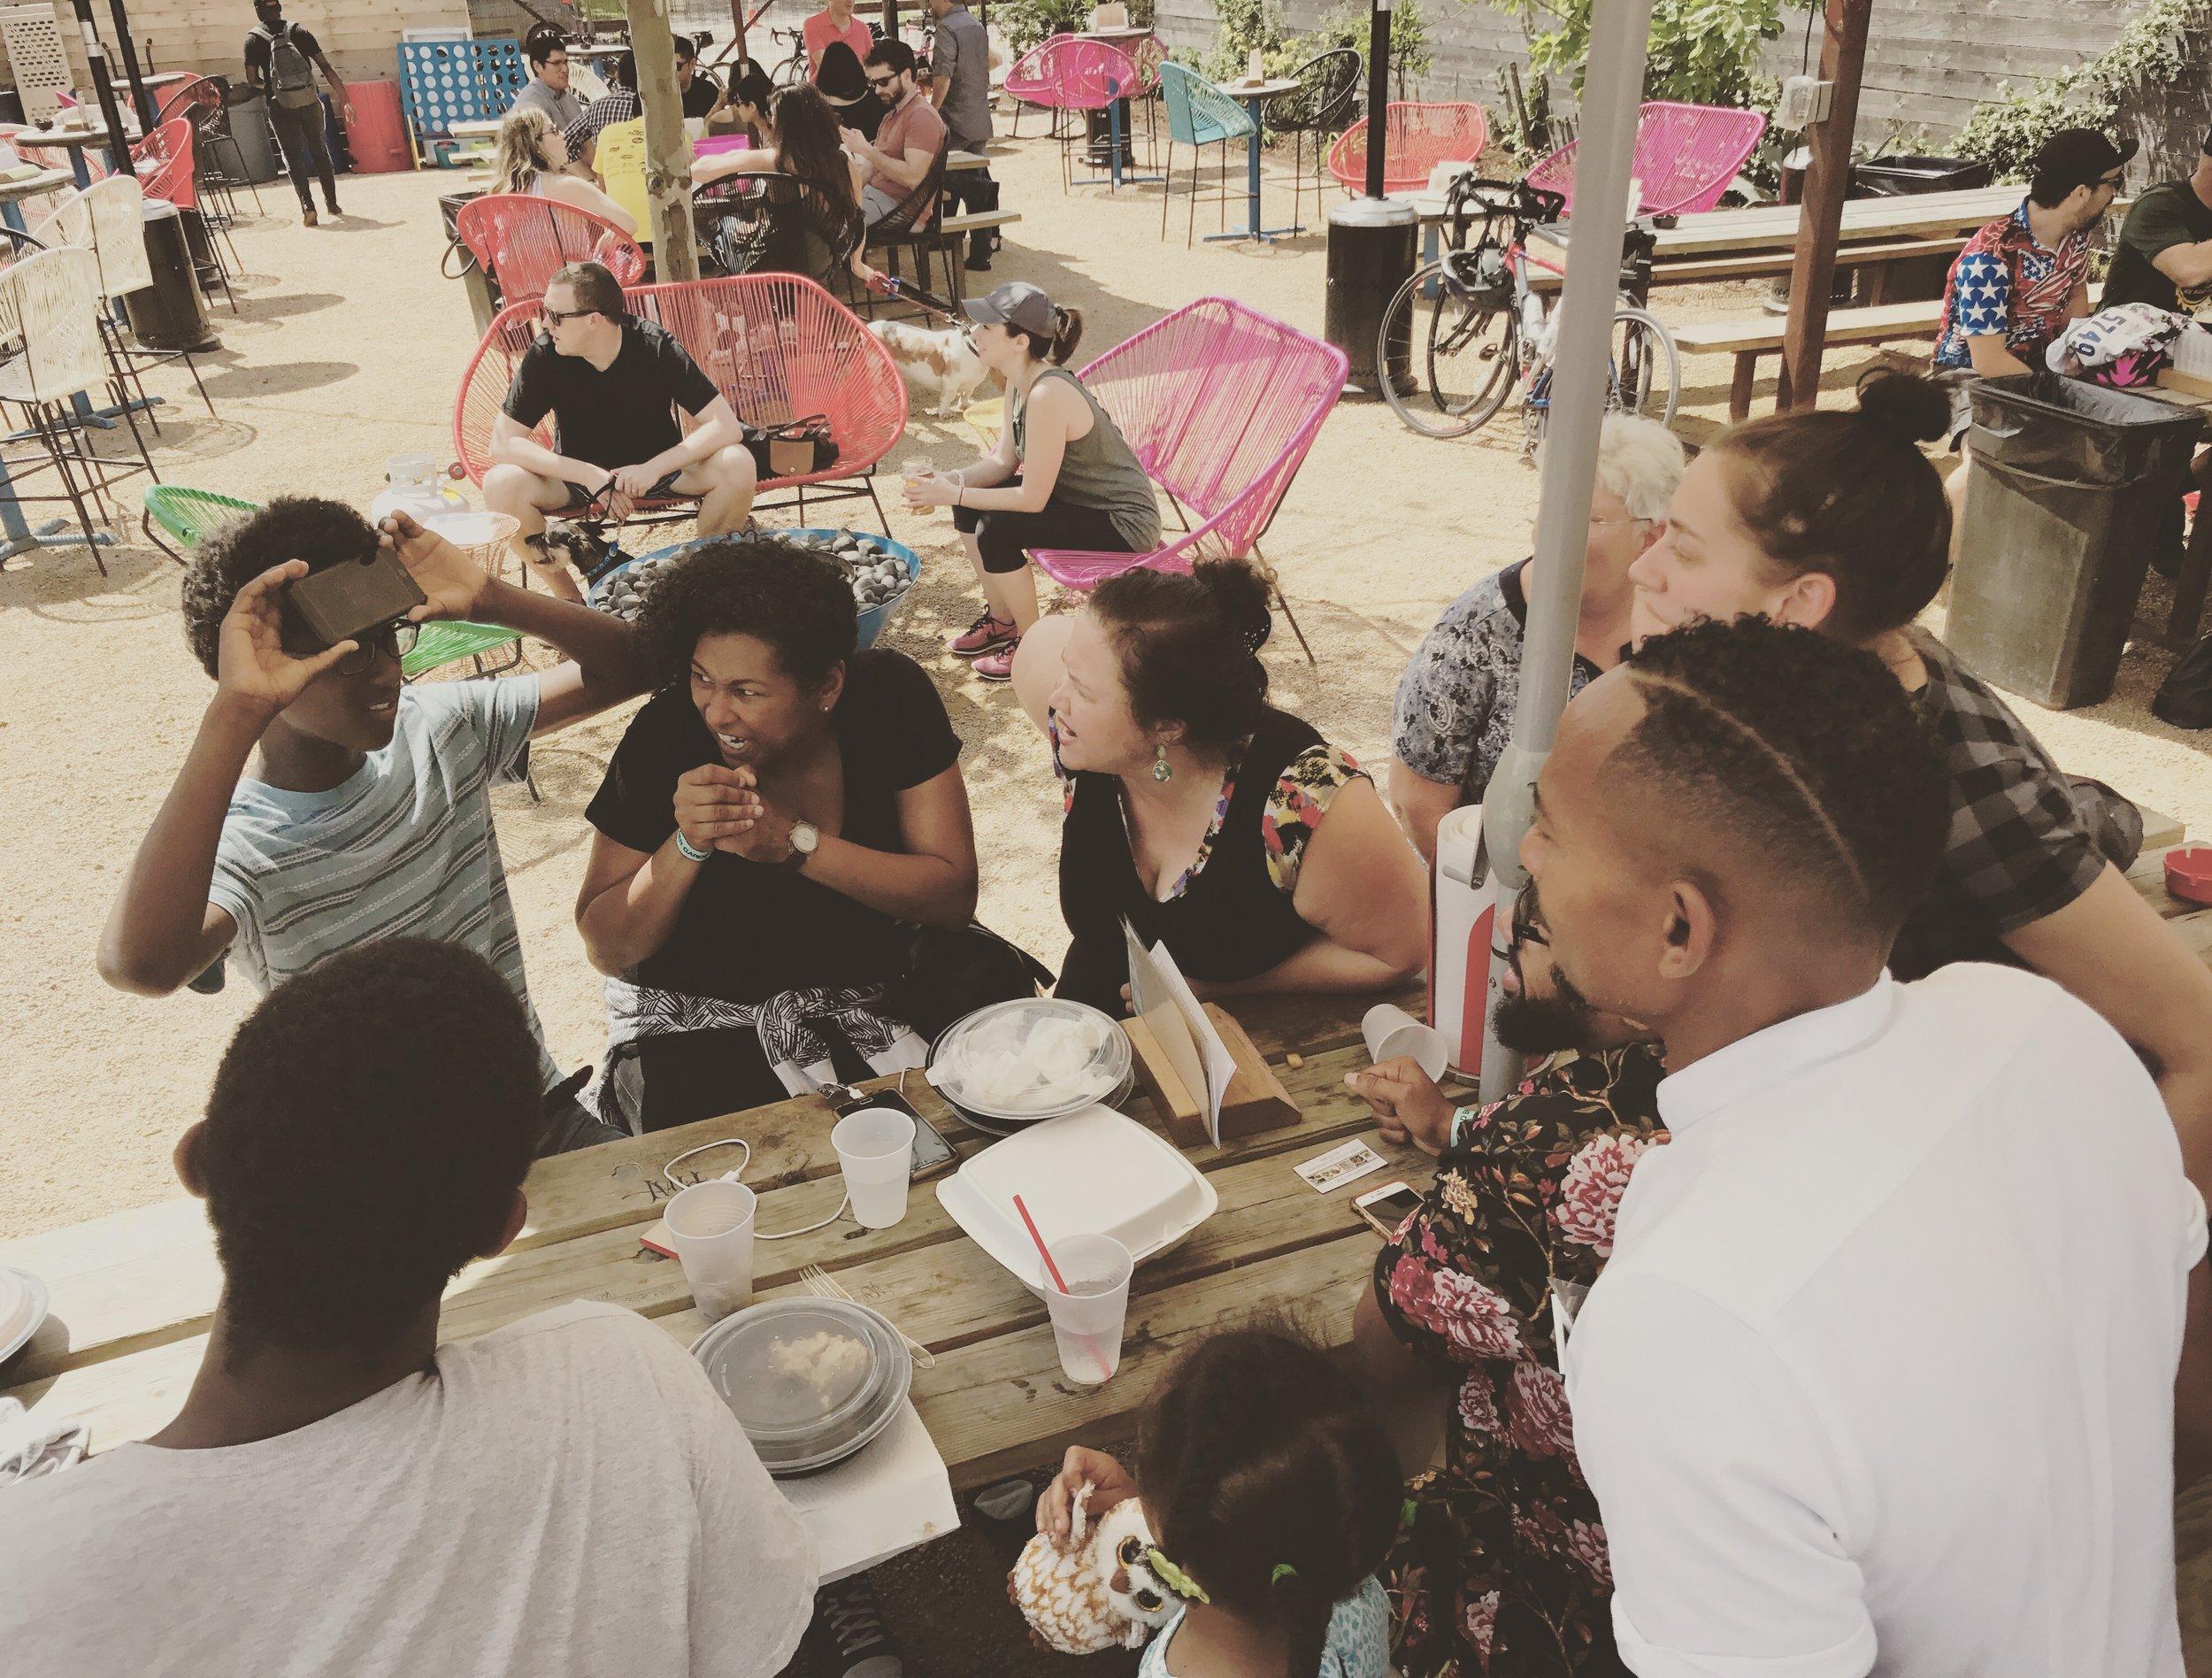 Joy at a Picnic Table